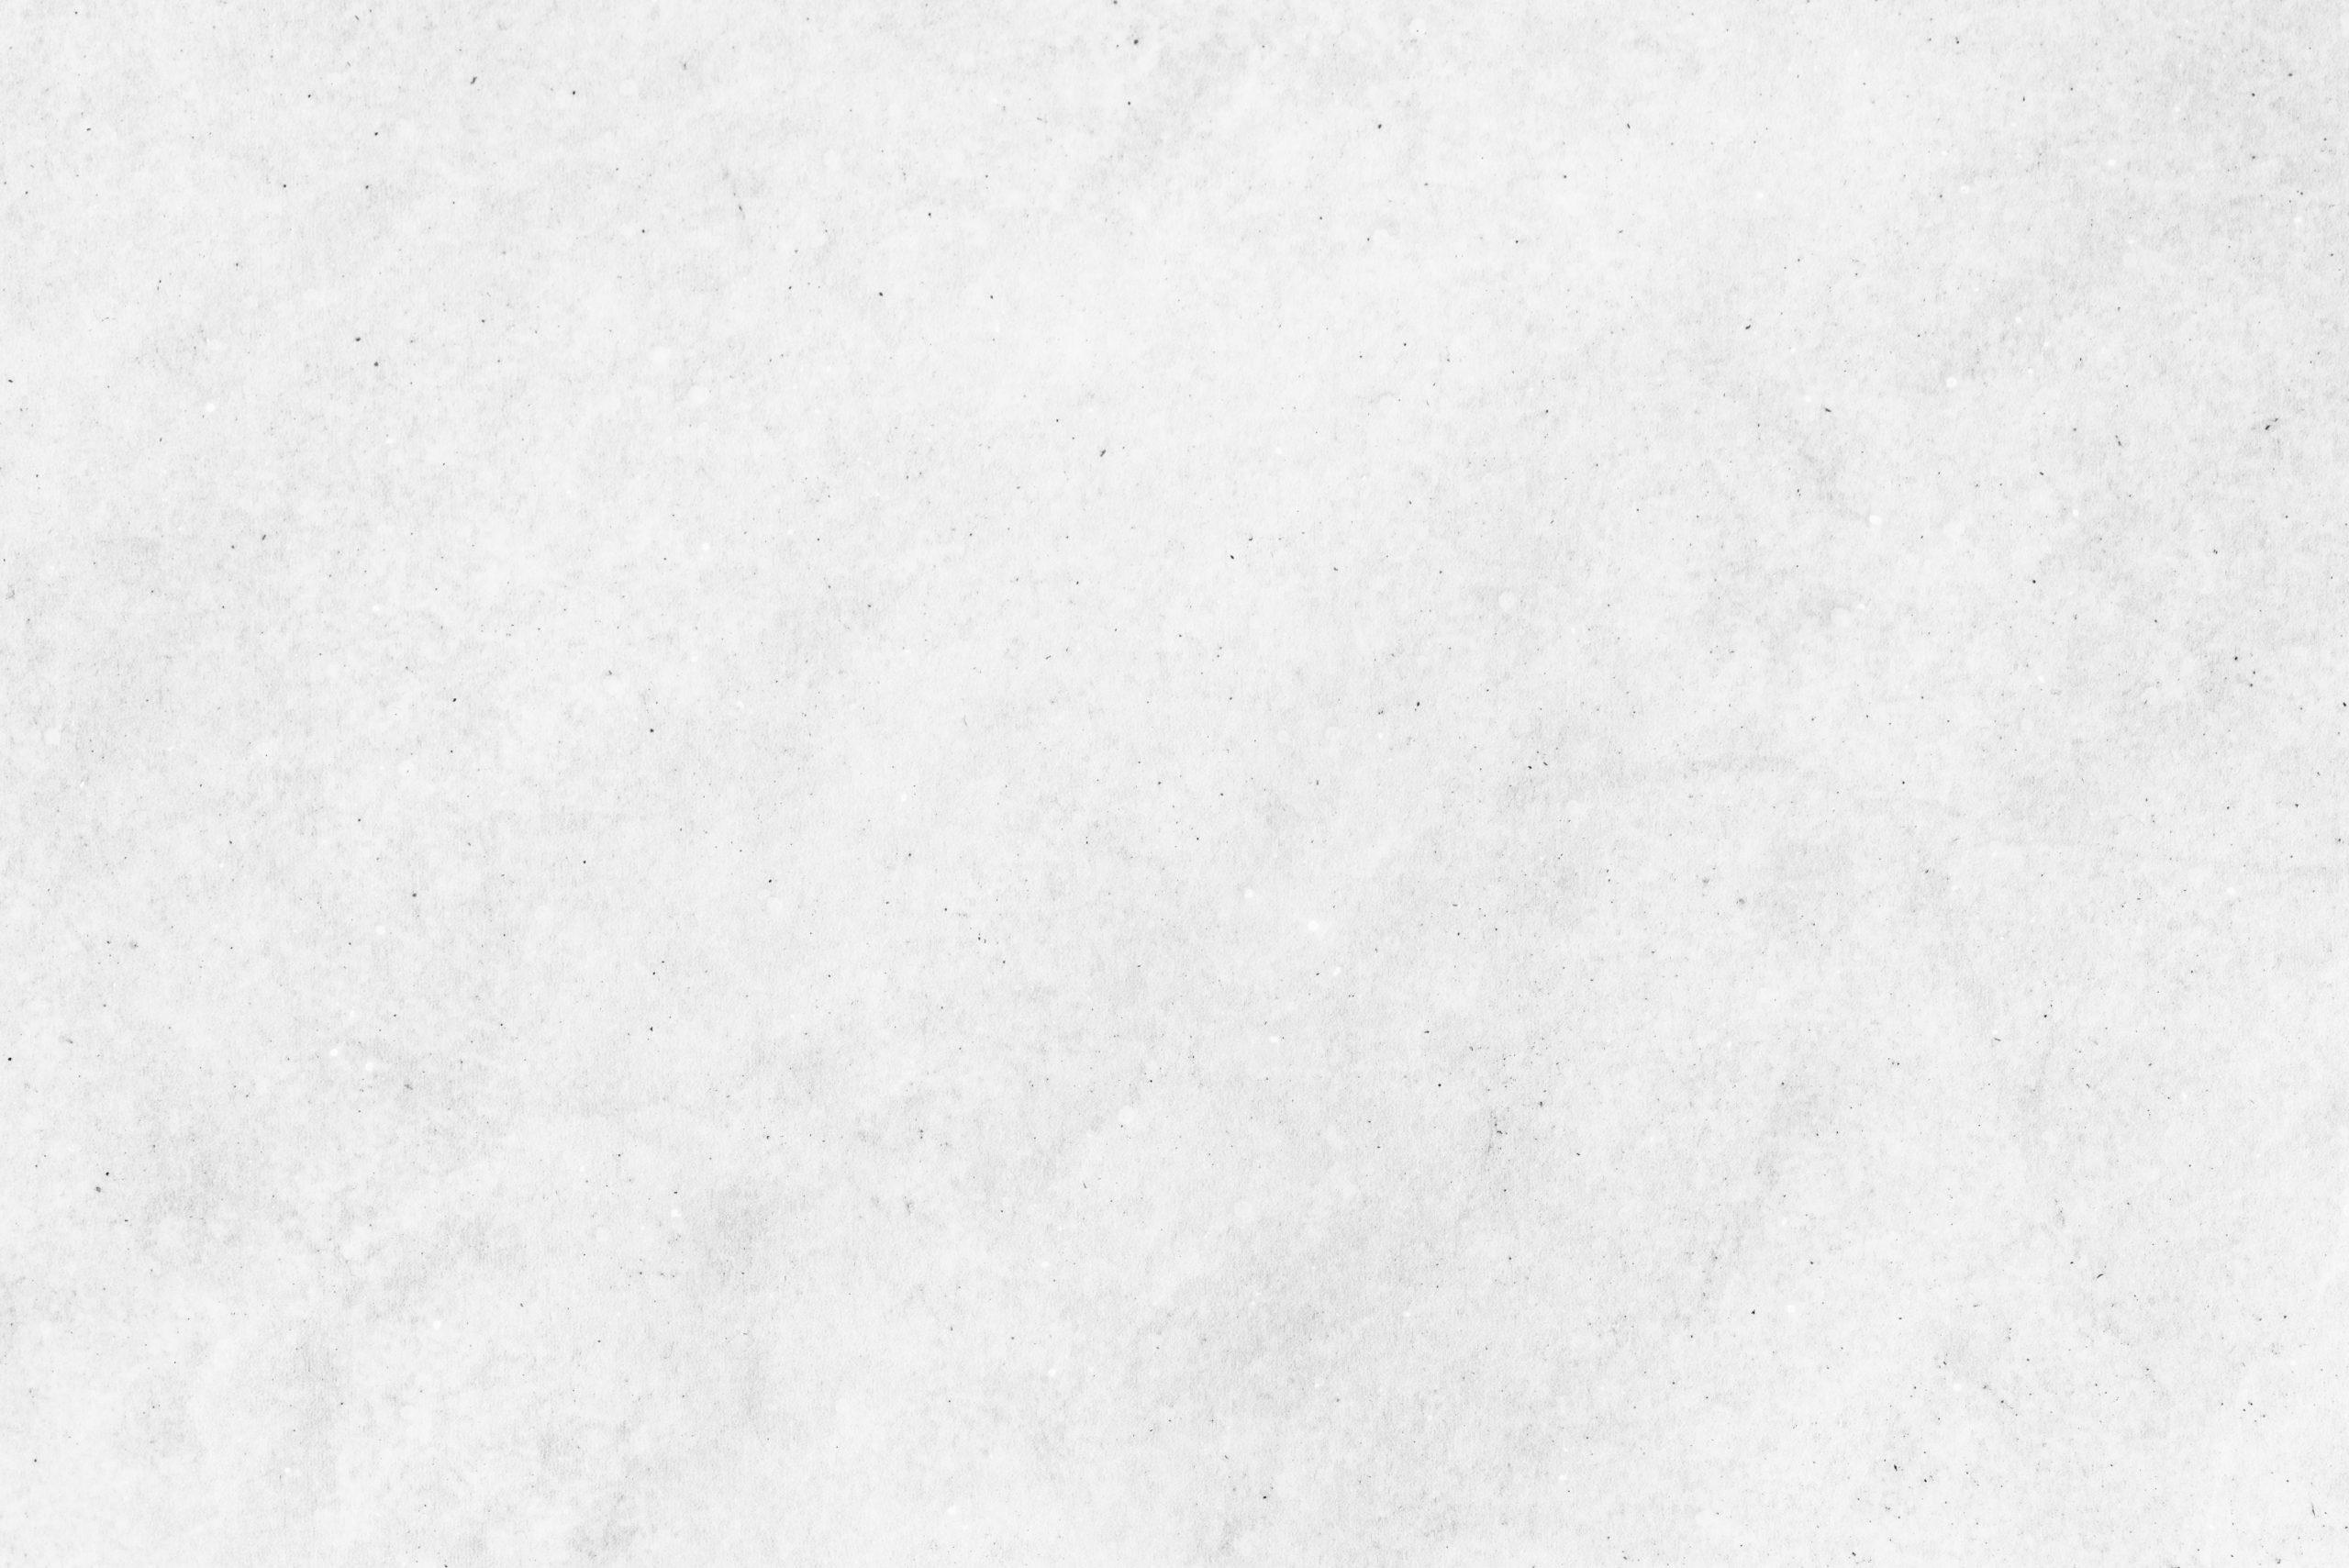 Grunge white concrete textured background